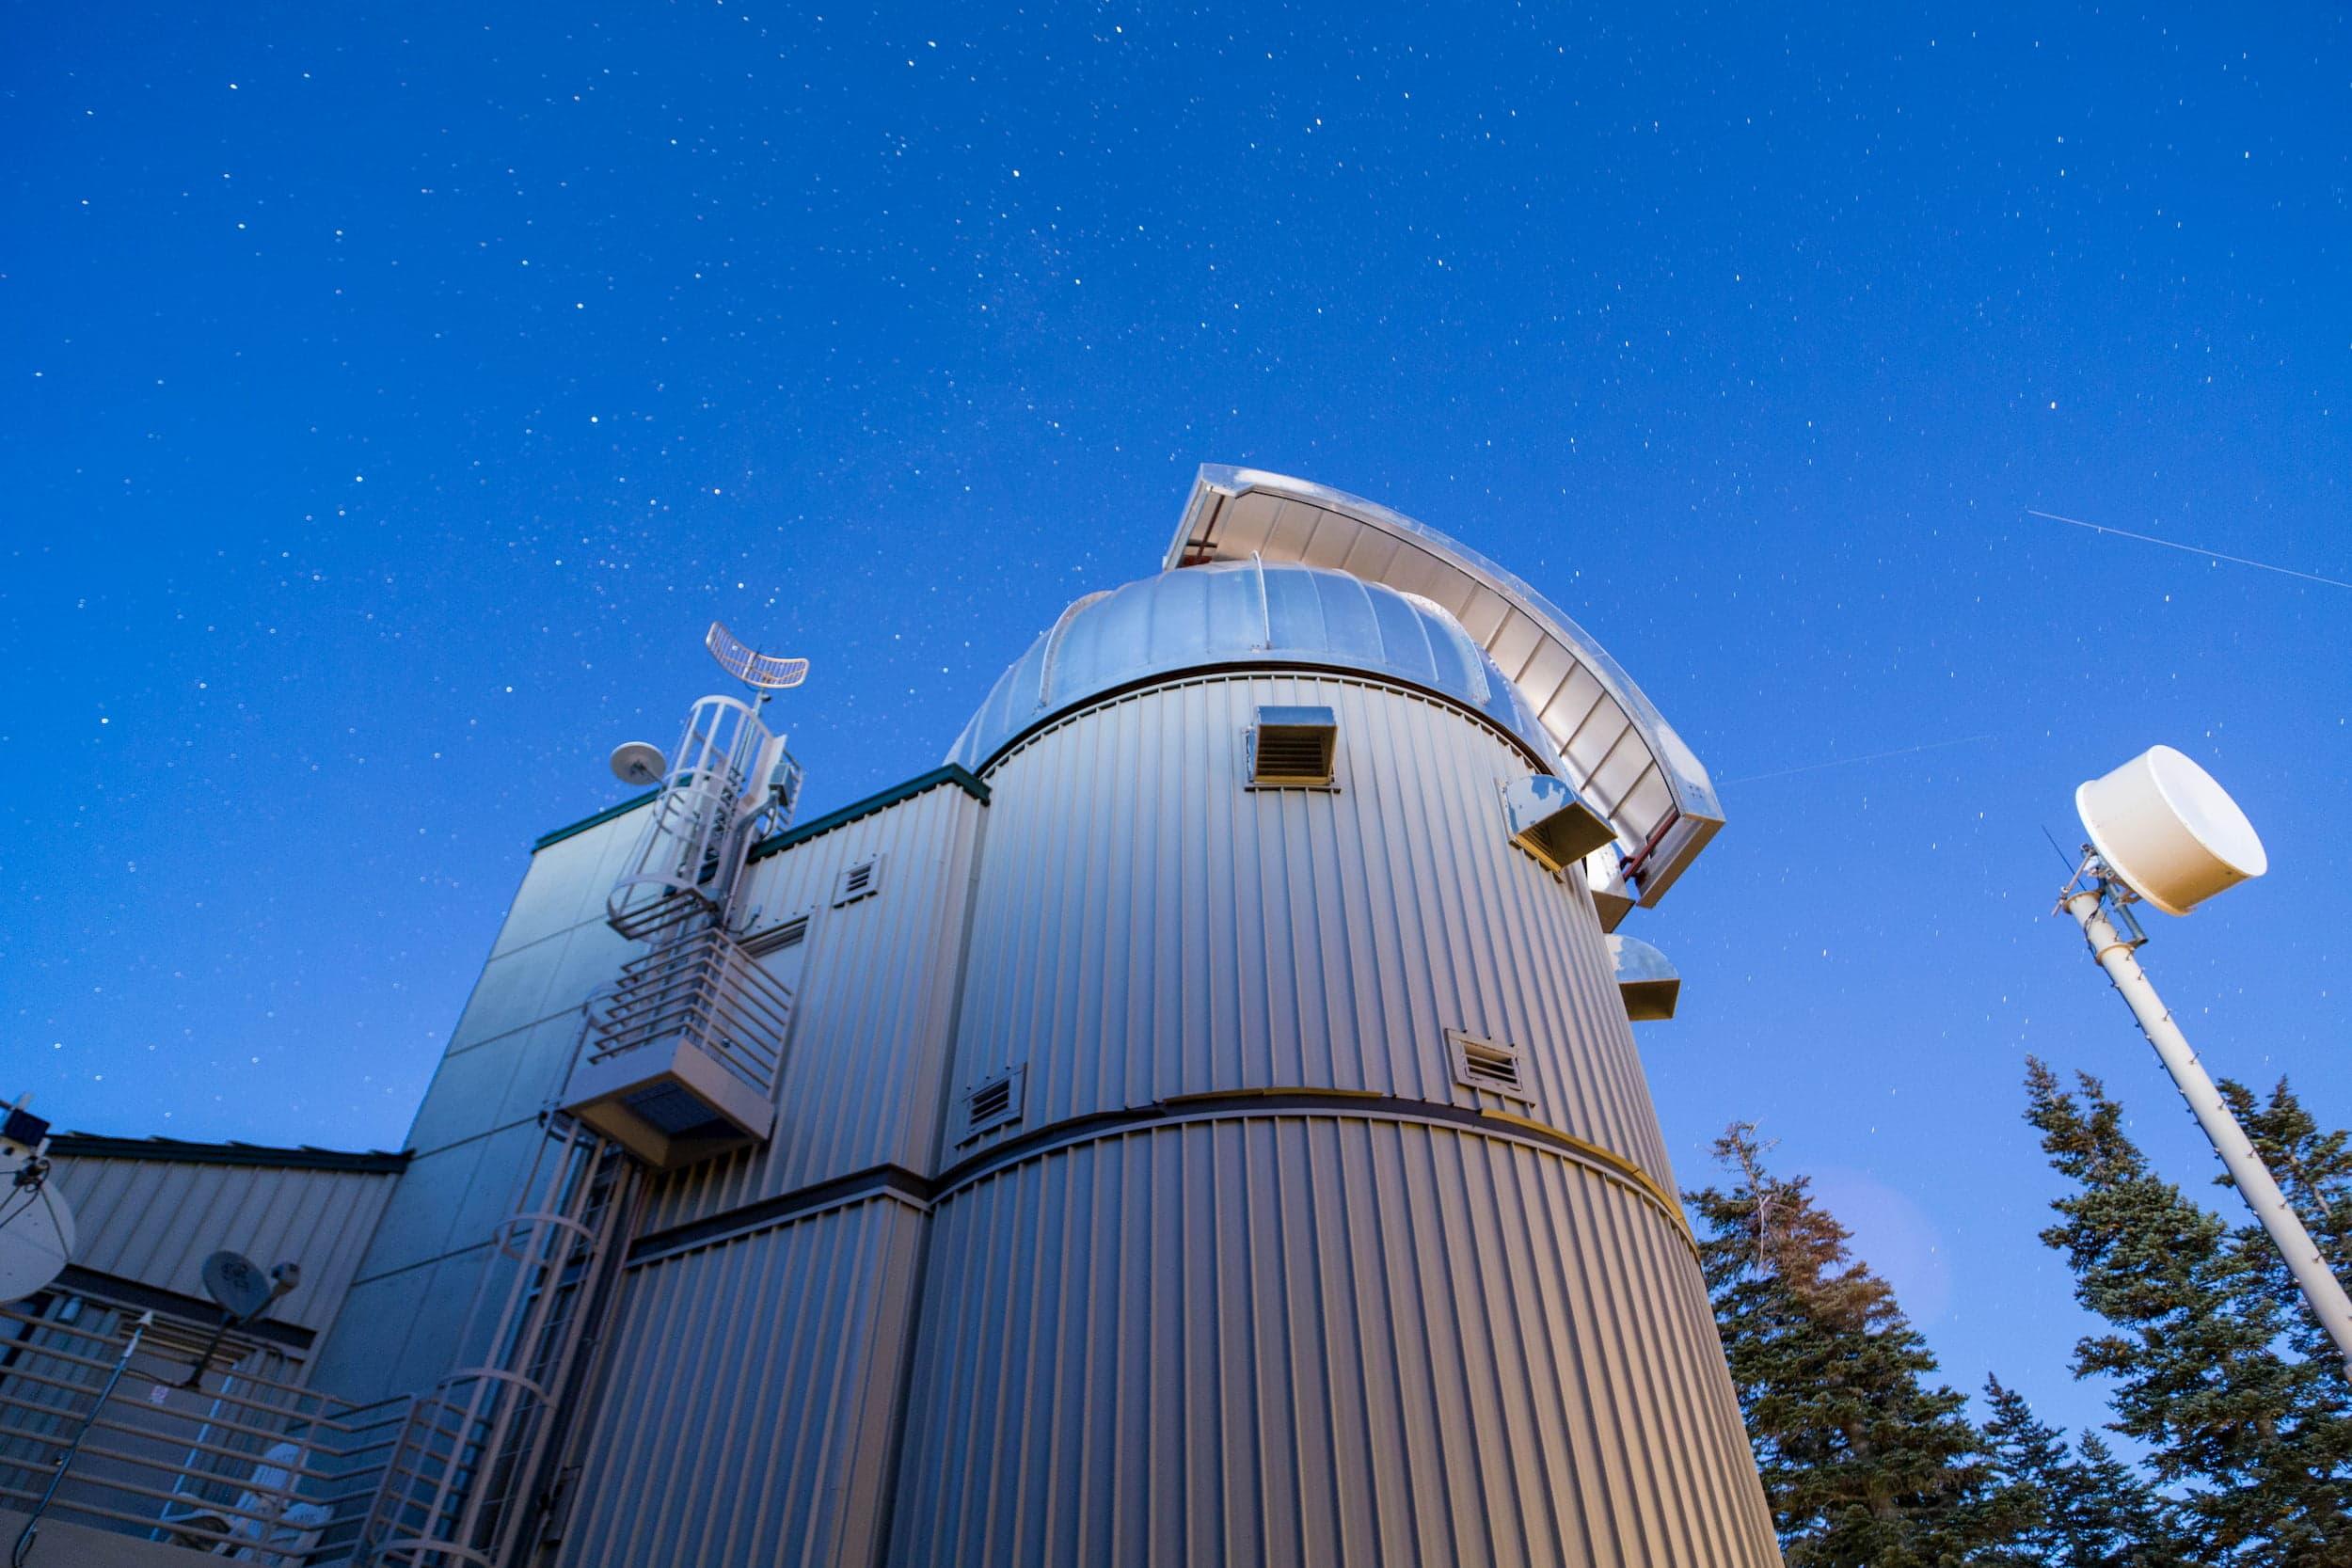 Vatican Advanced Technology Telescope (VATT) at Dusk